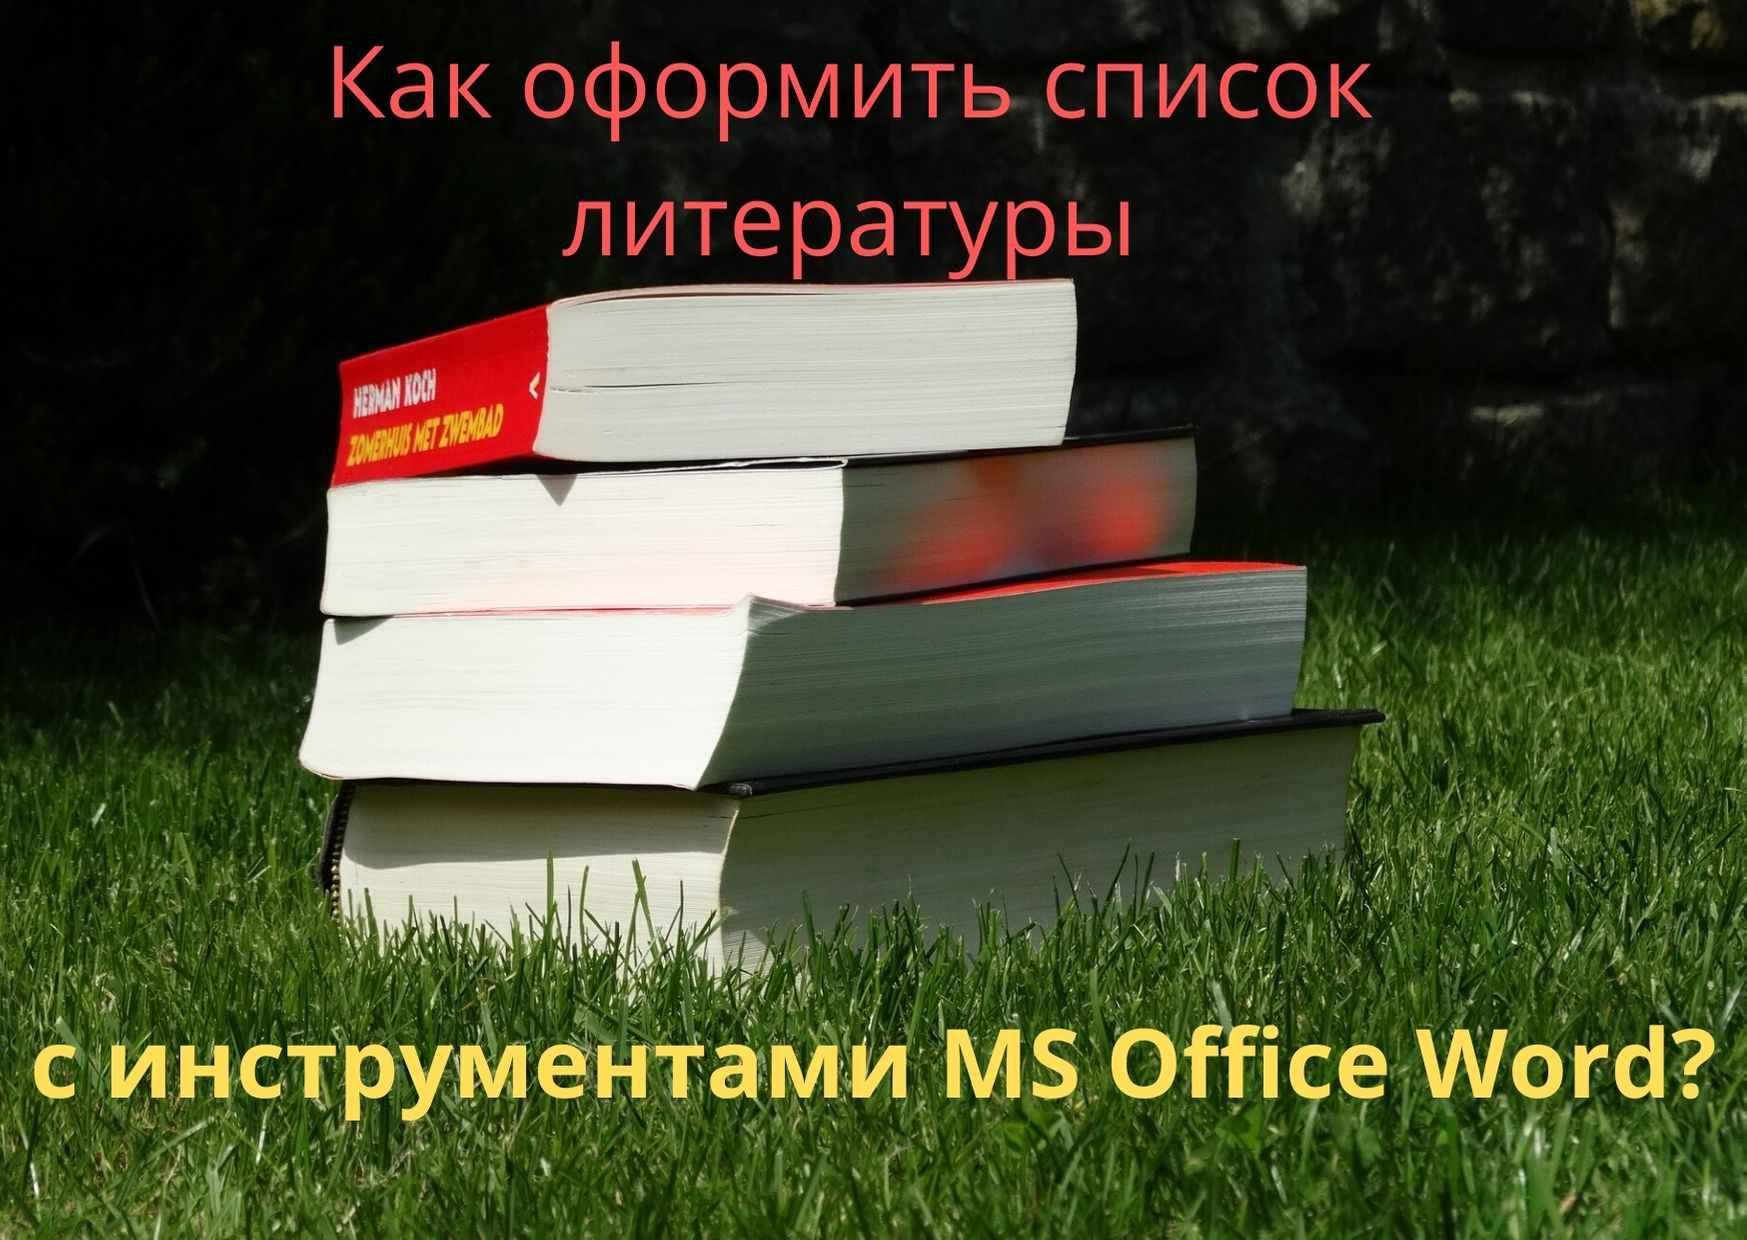 Как оформить список литературы с инструментами MS Office Word?